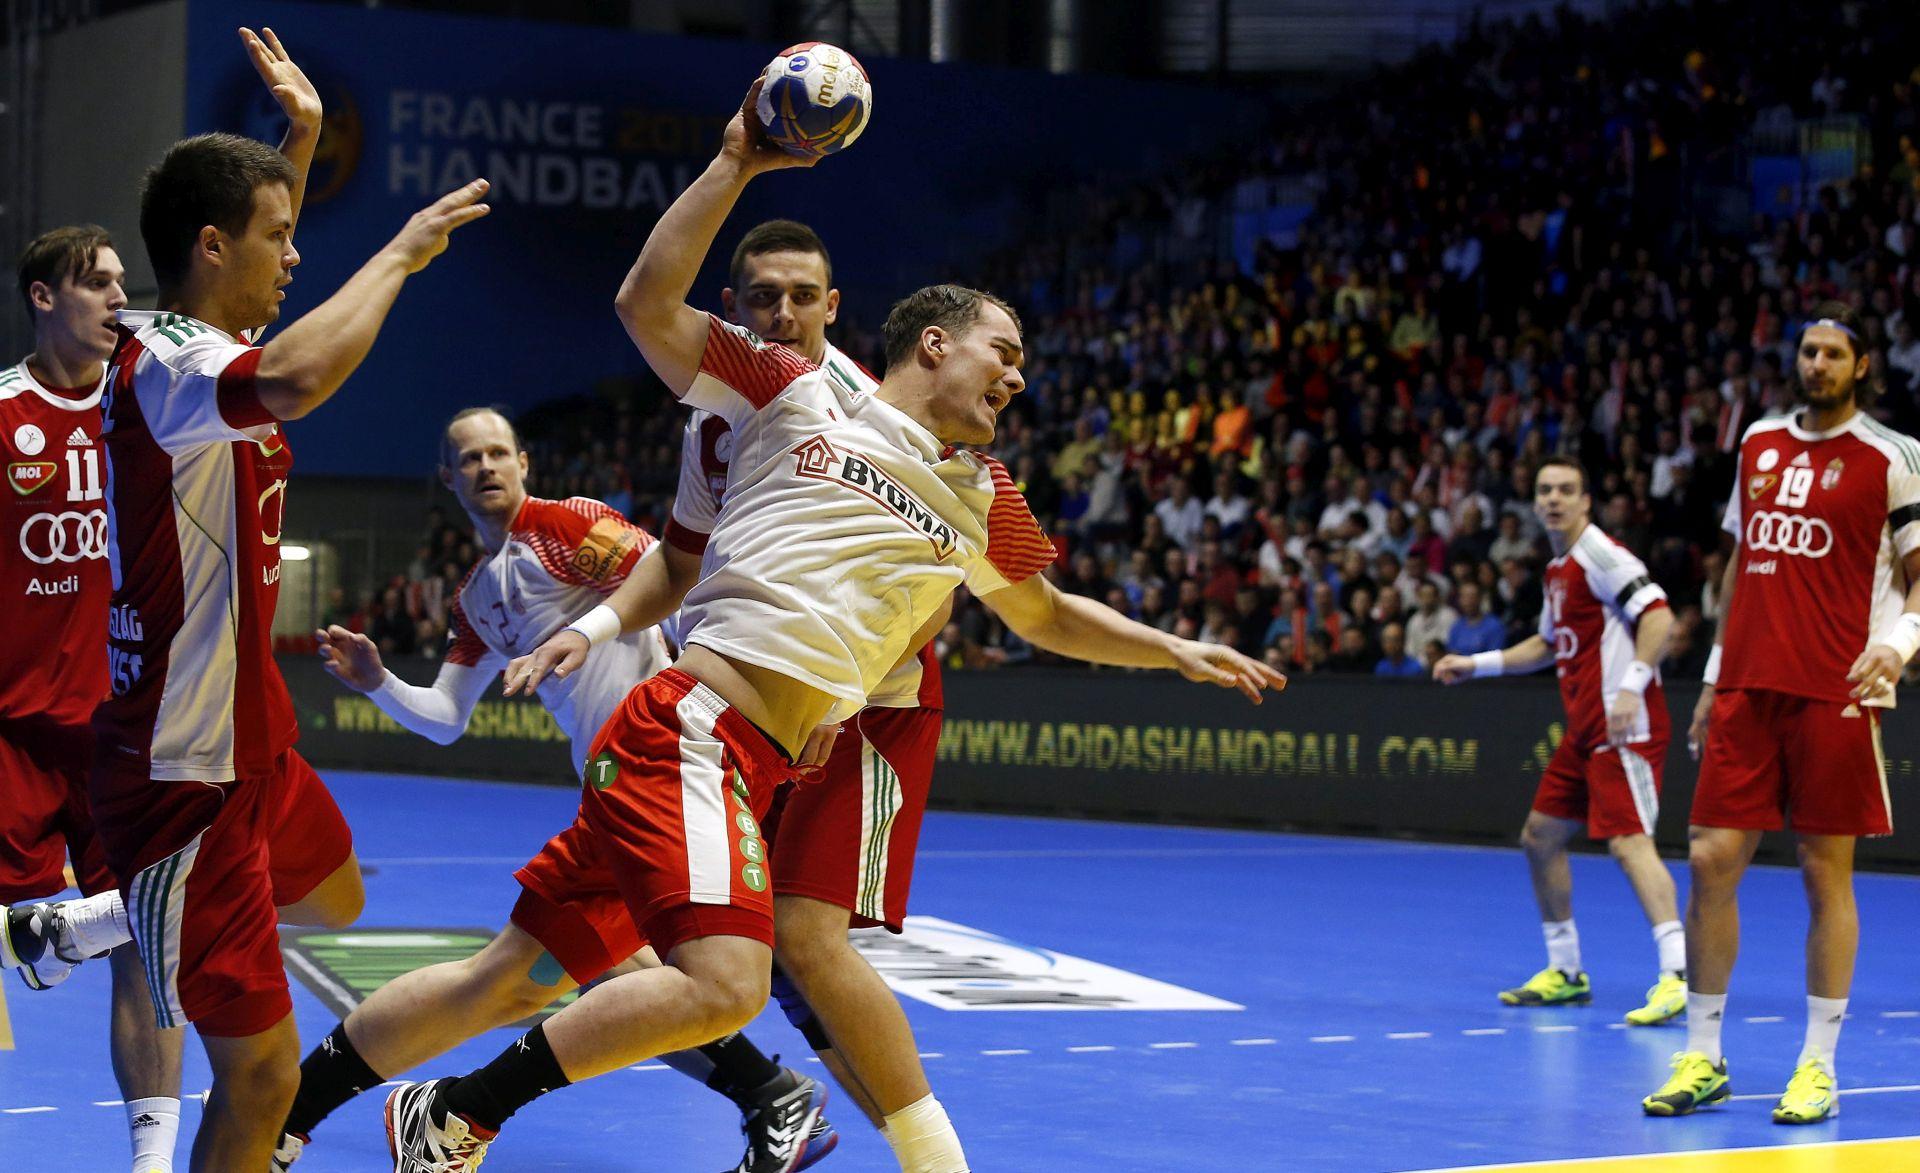 SVJETSKO RUKOMETNO PRVENSTVO Mađari iznenadili Dance, Švedska pomela Bjelorusiju